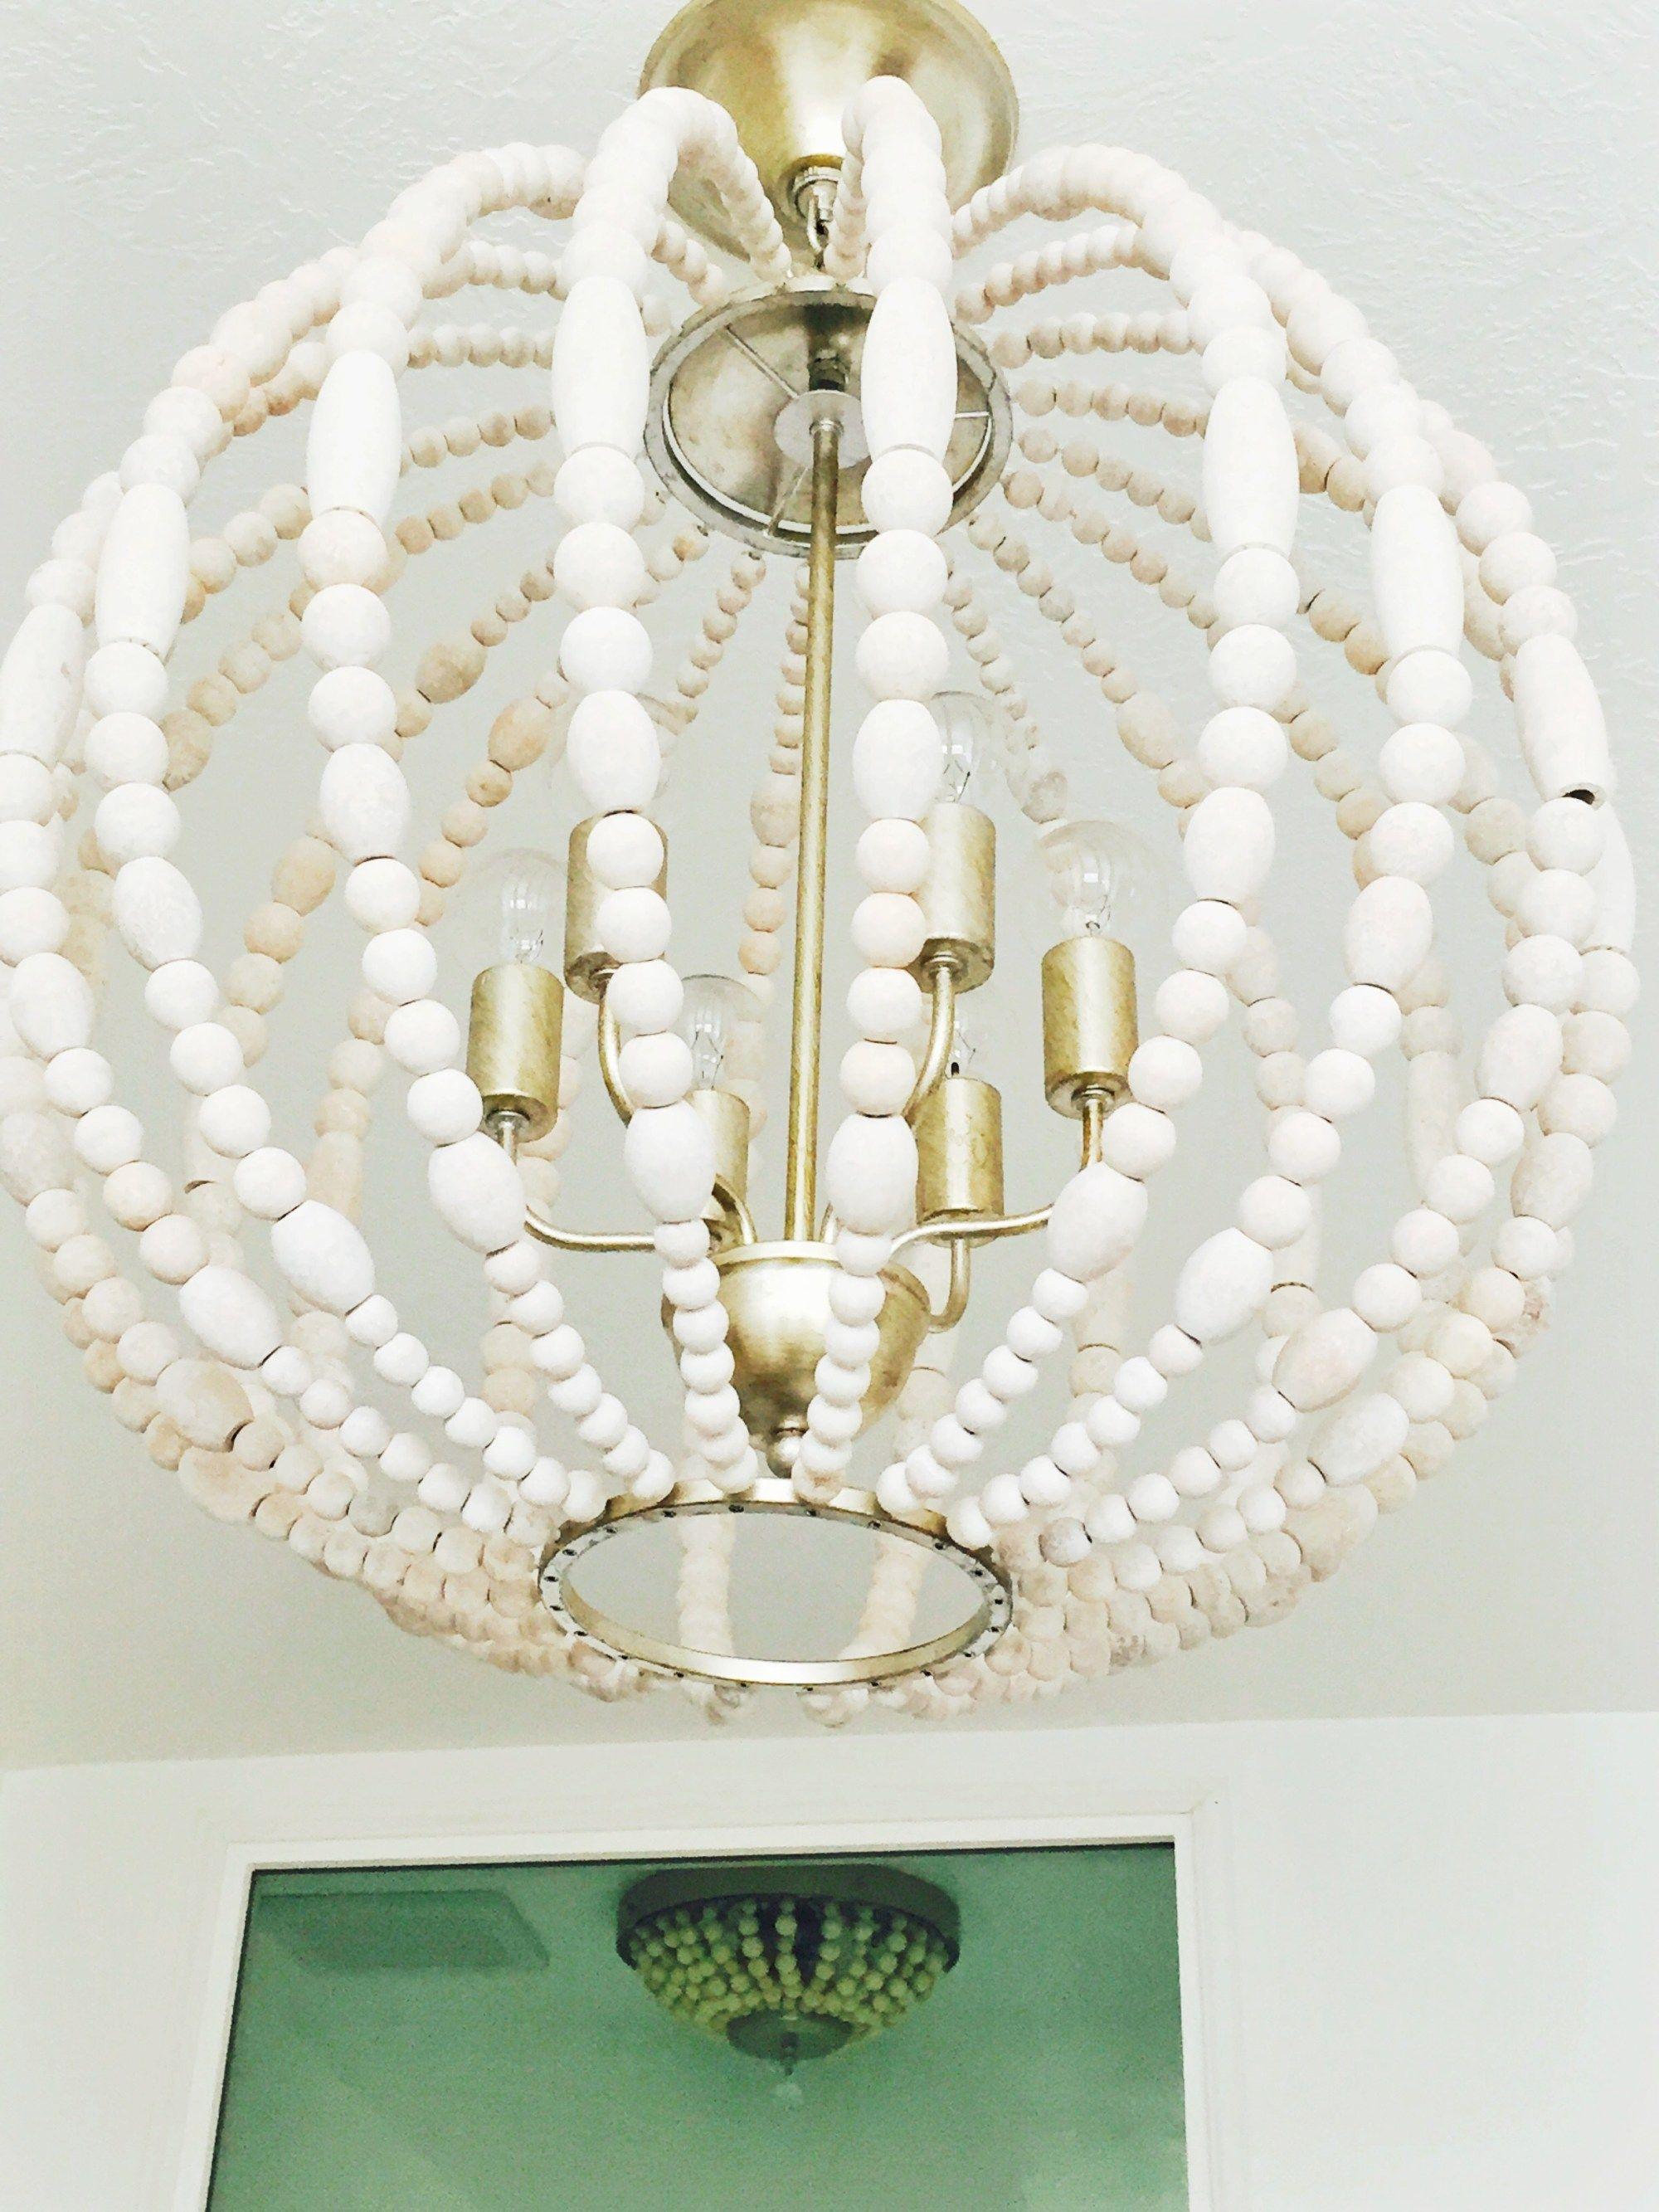 Wood bead chandelier light fixture how to make your own wood bead wood bead chandelier light fixture how to make your own arubaitofo Gallery